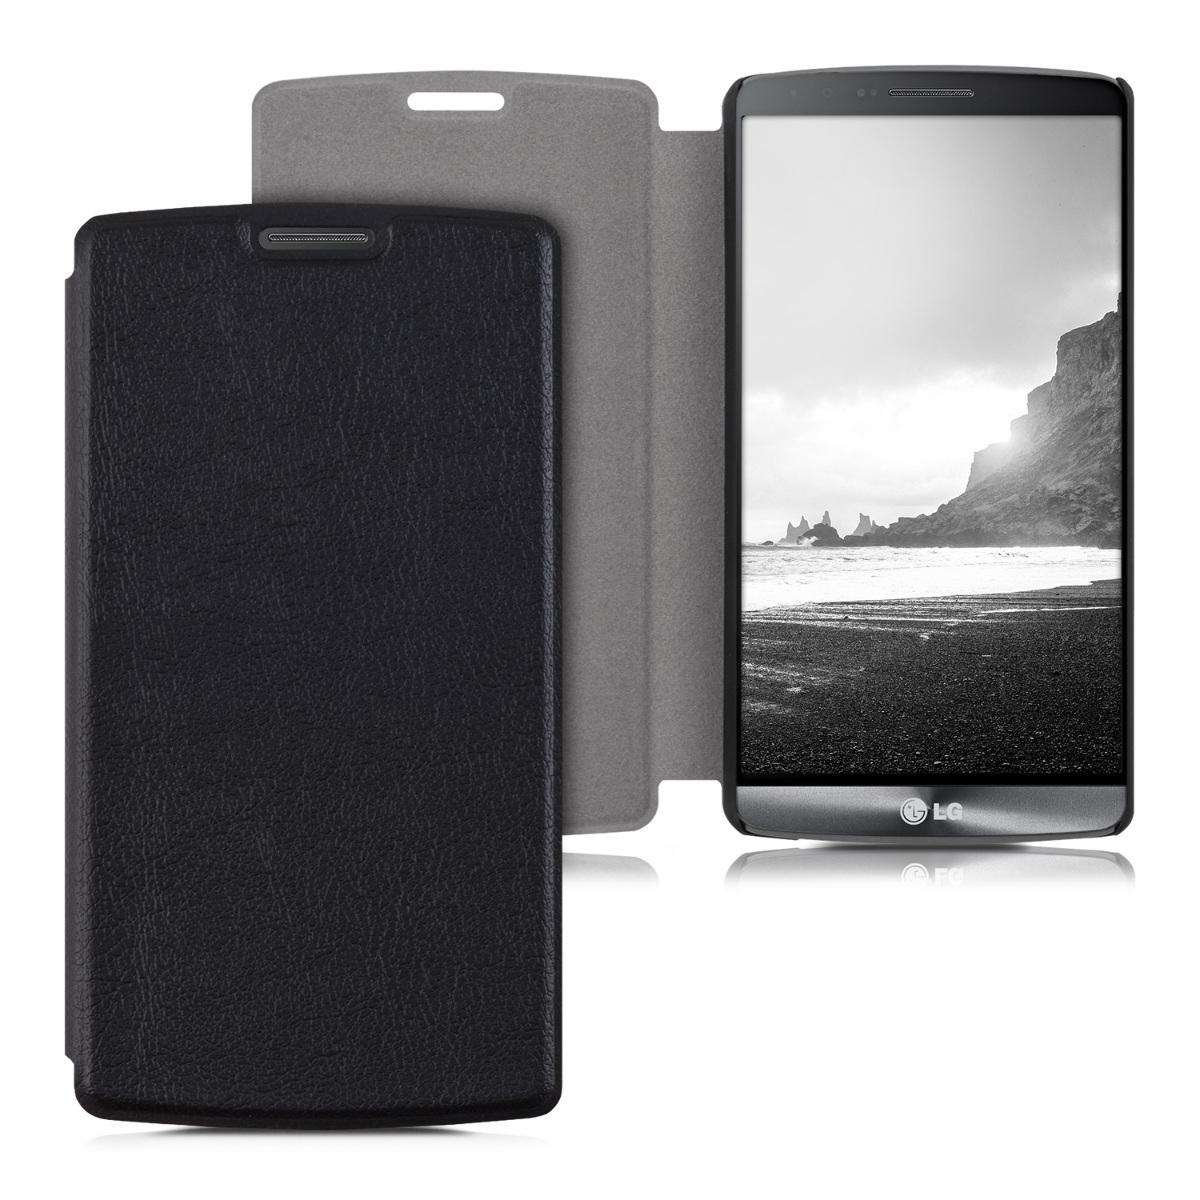 Pouzdro FLIP pro LG G3 černé